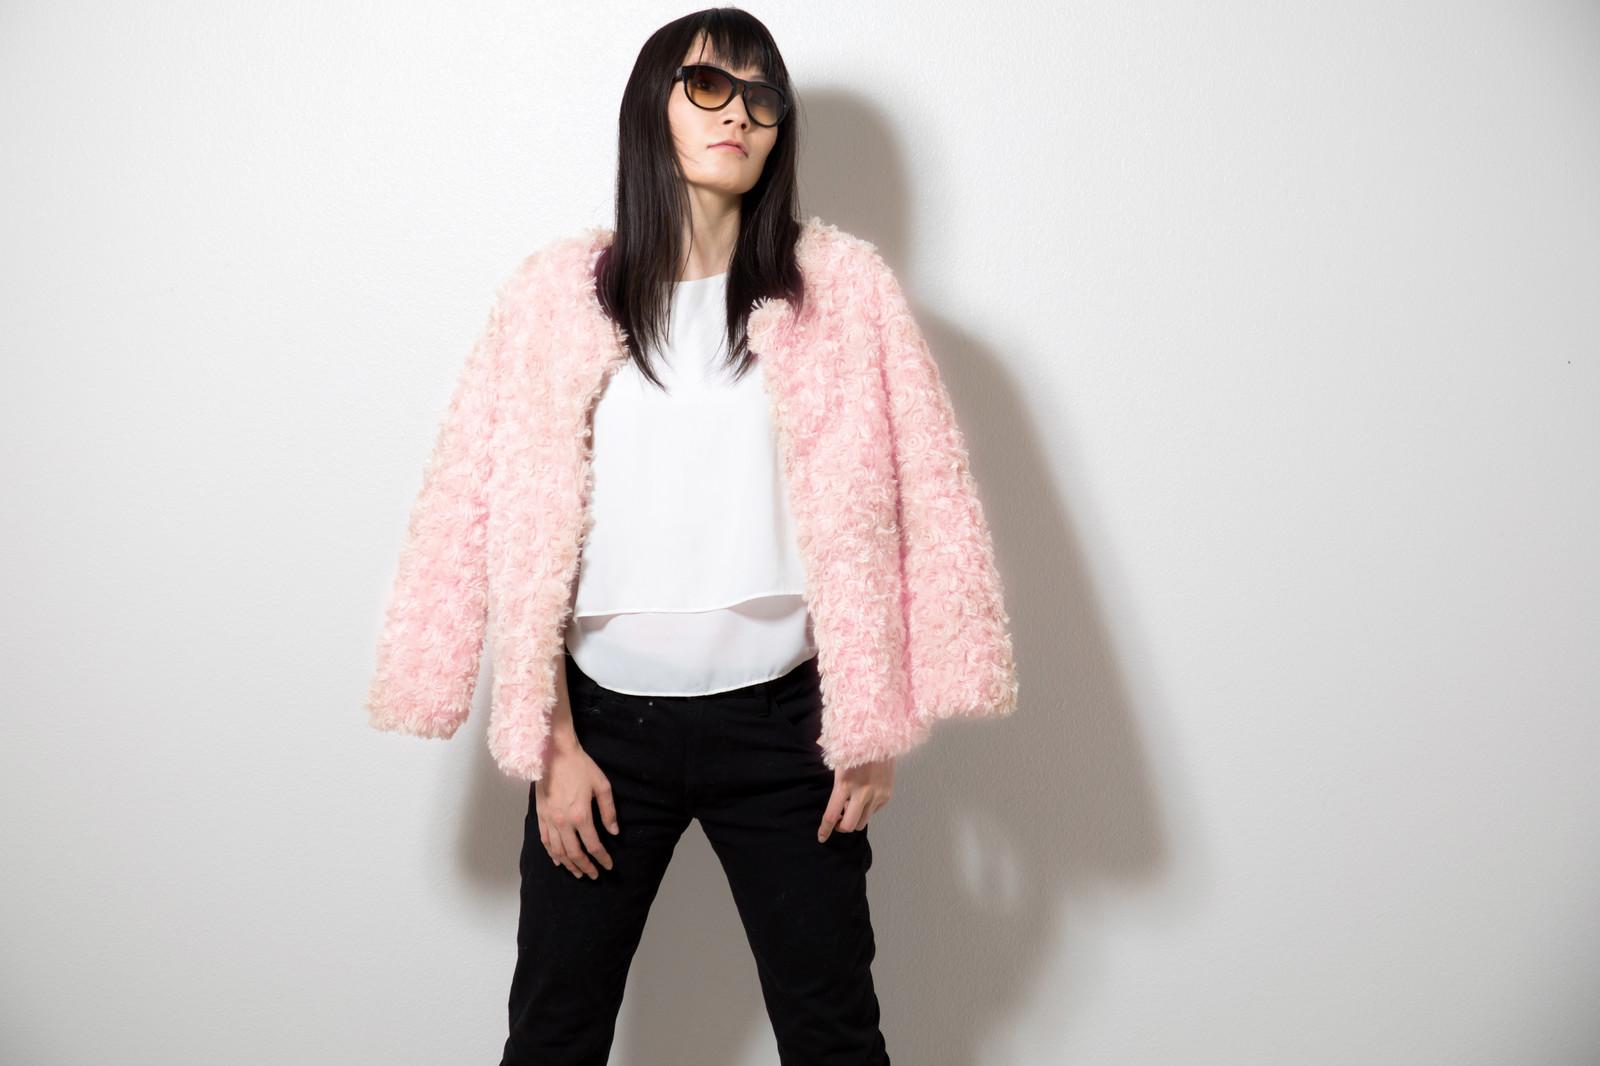 コートを羽織るモデル系の女性